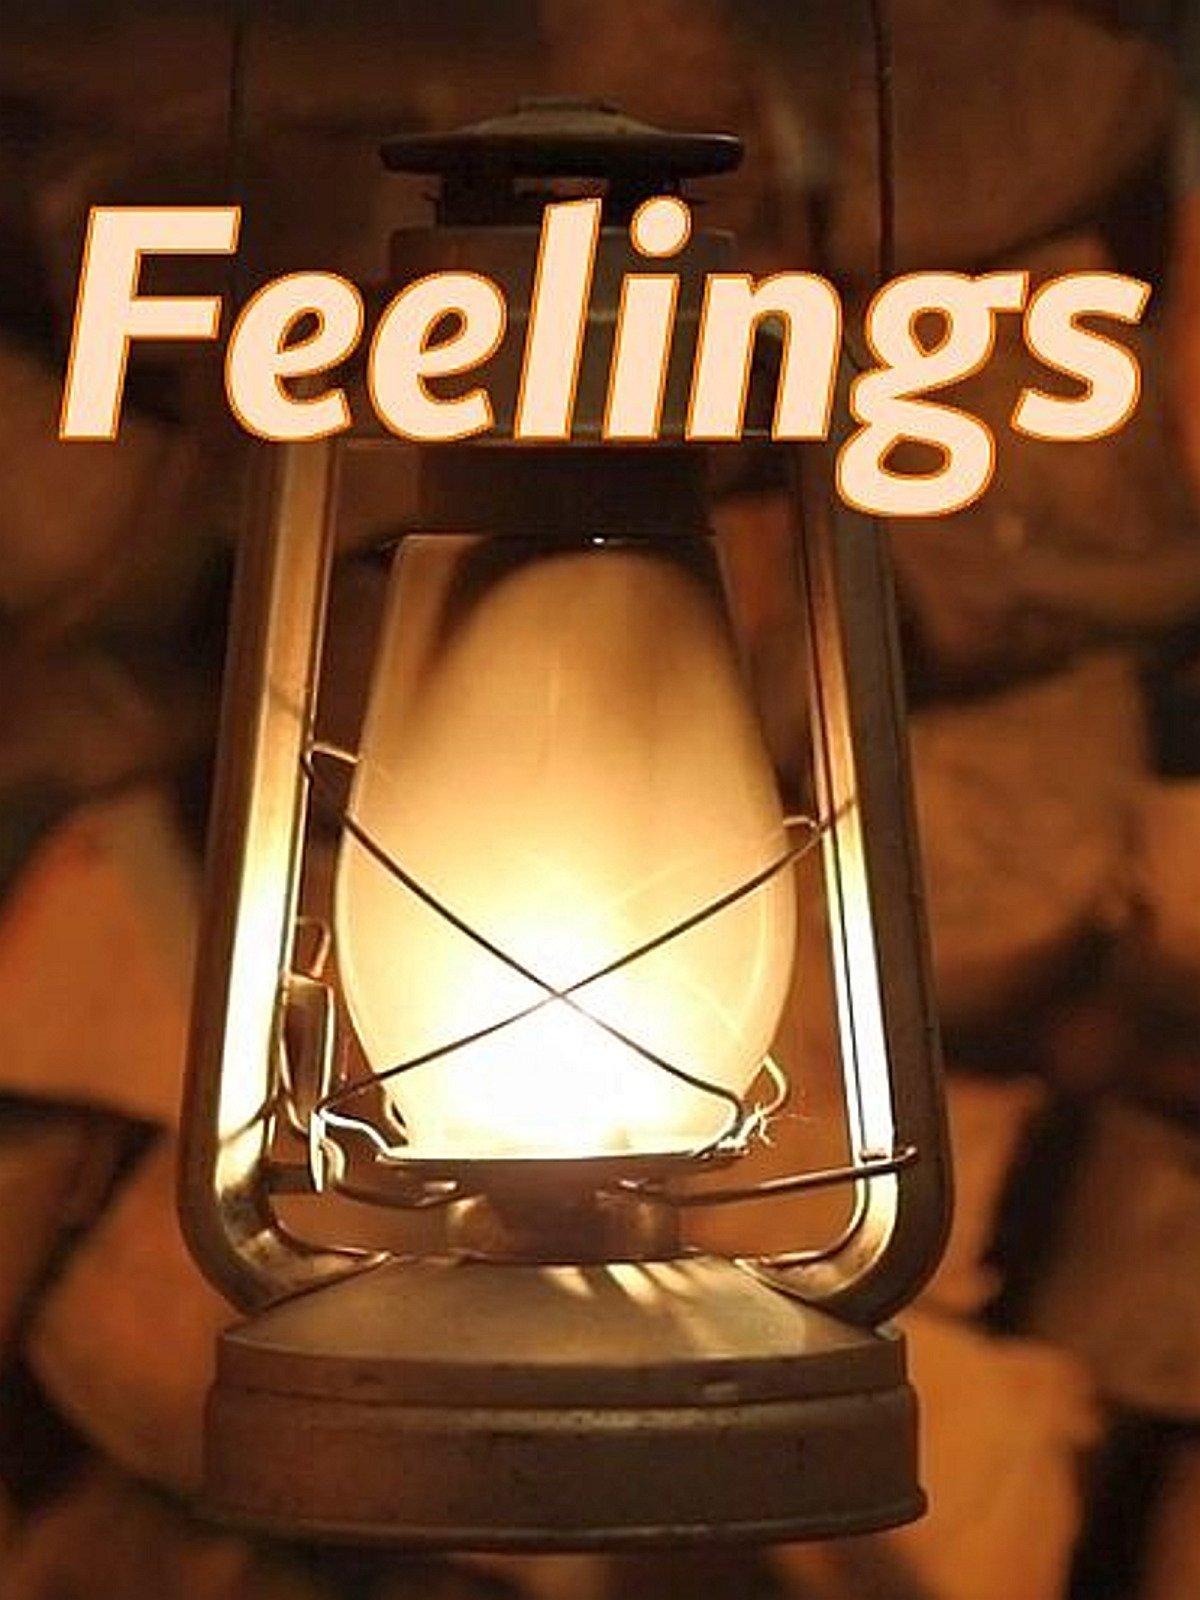 Clip: Feelings